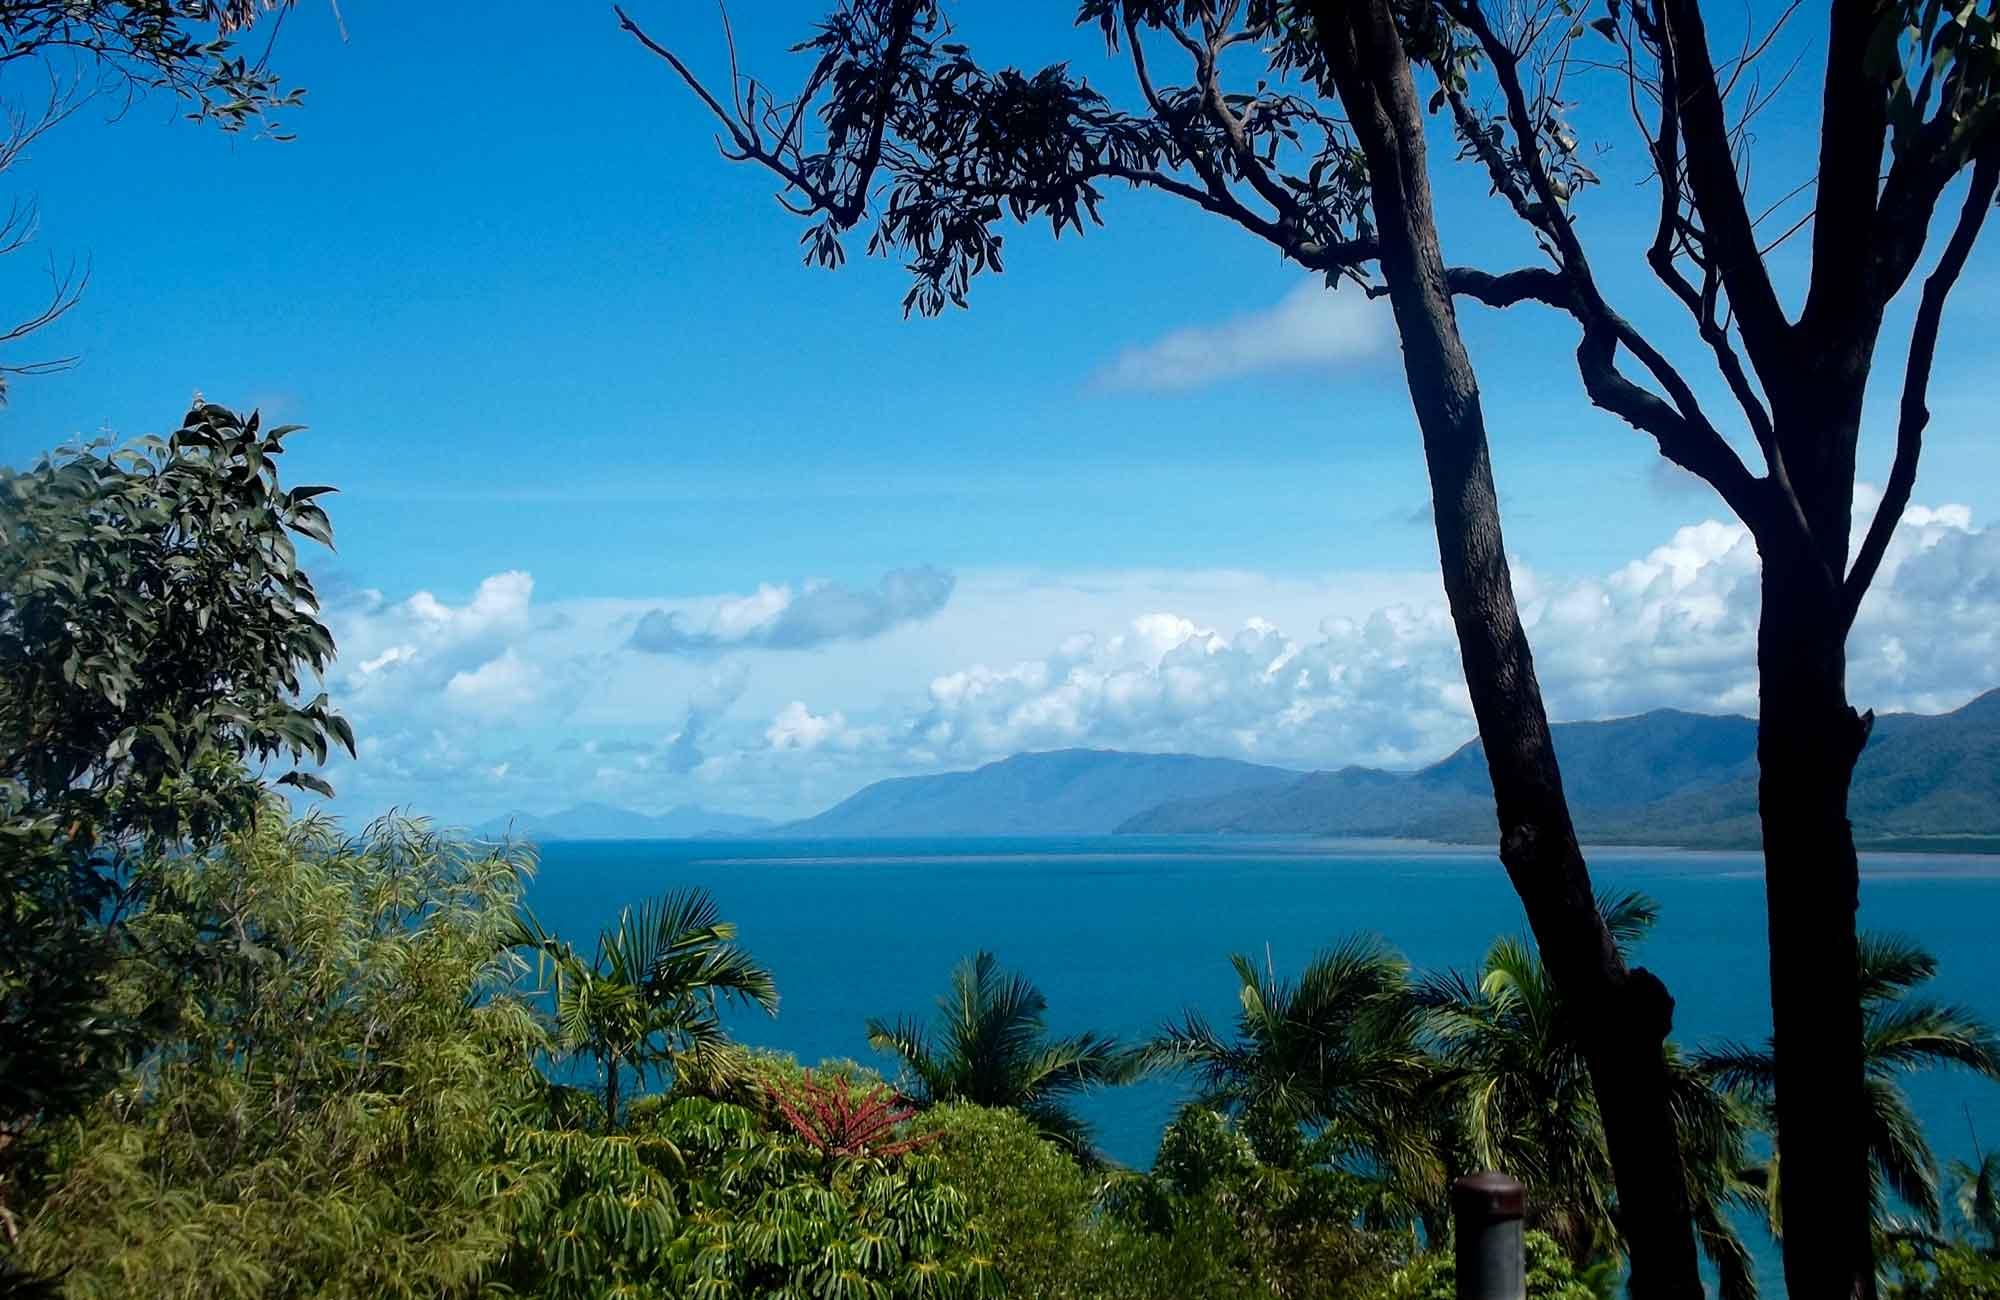 Voyage Australie - Côte Australie - Amplitudes